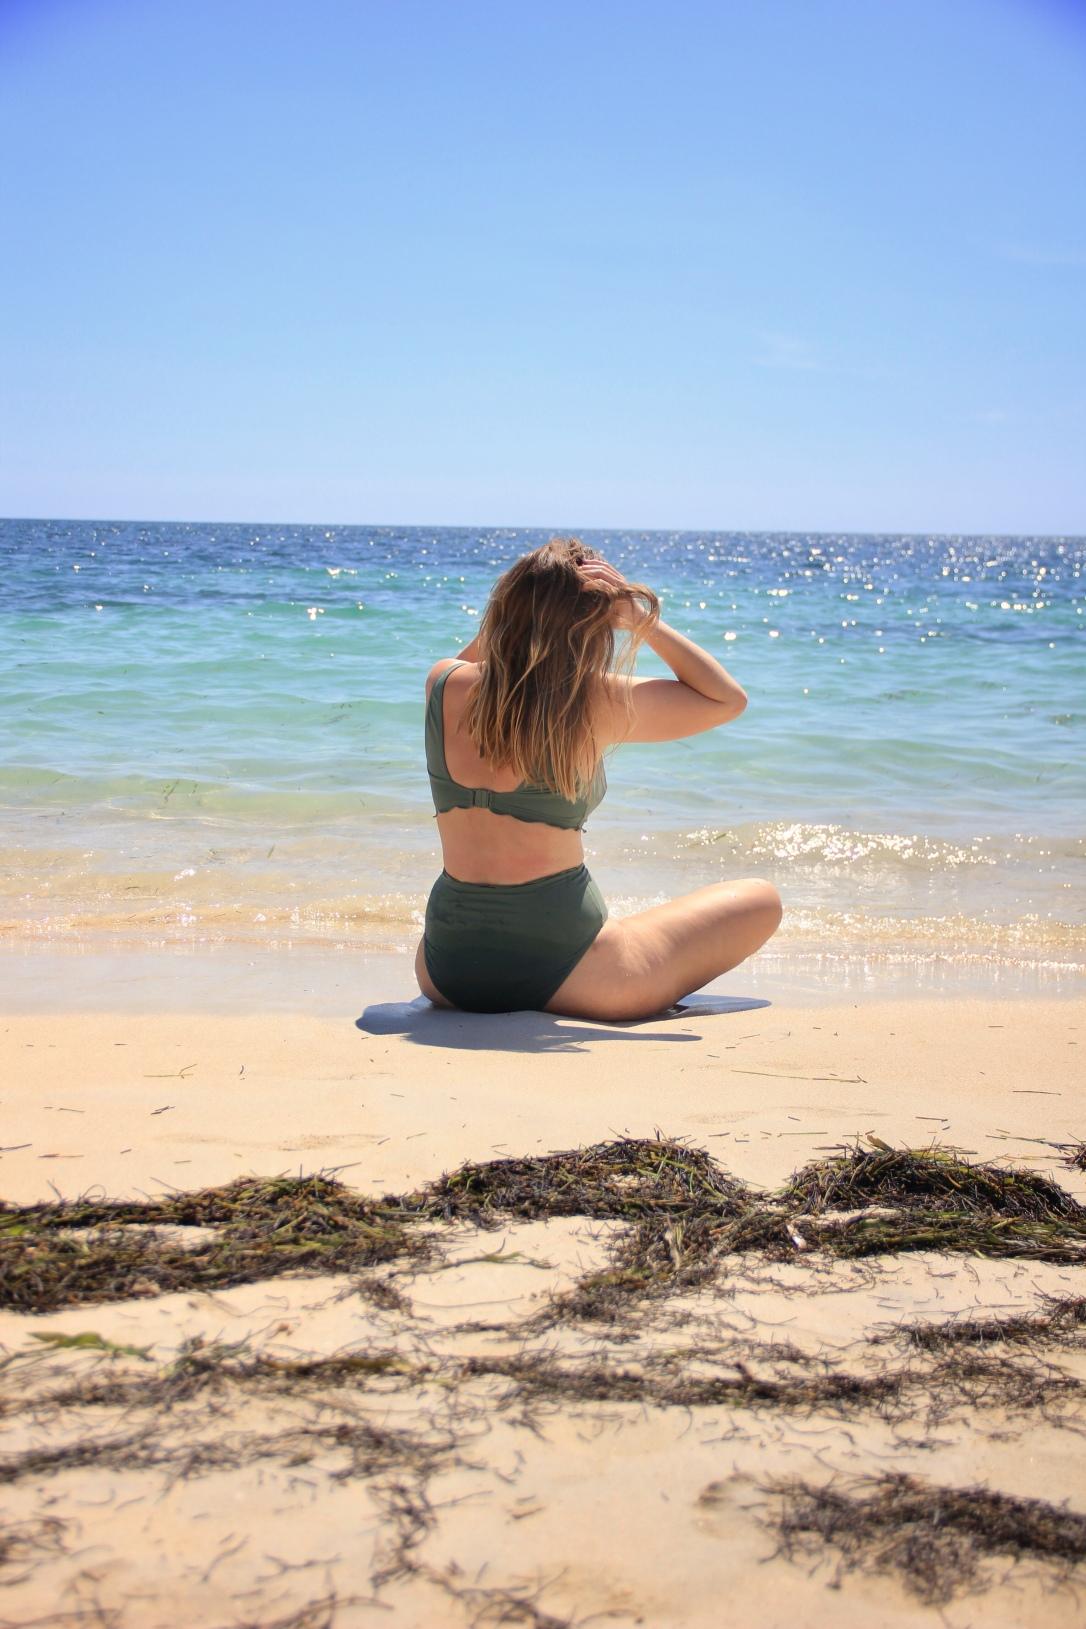 Playa Ancon, Sancti Spiritus